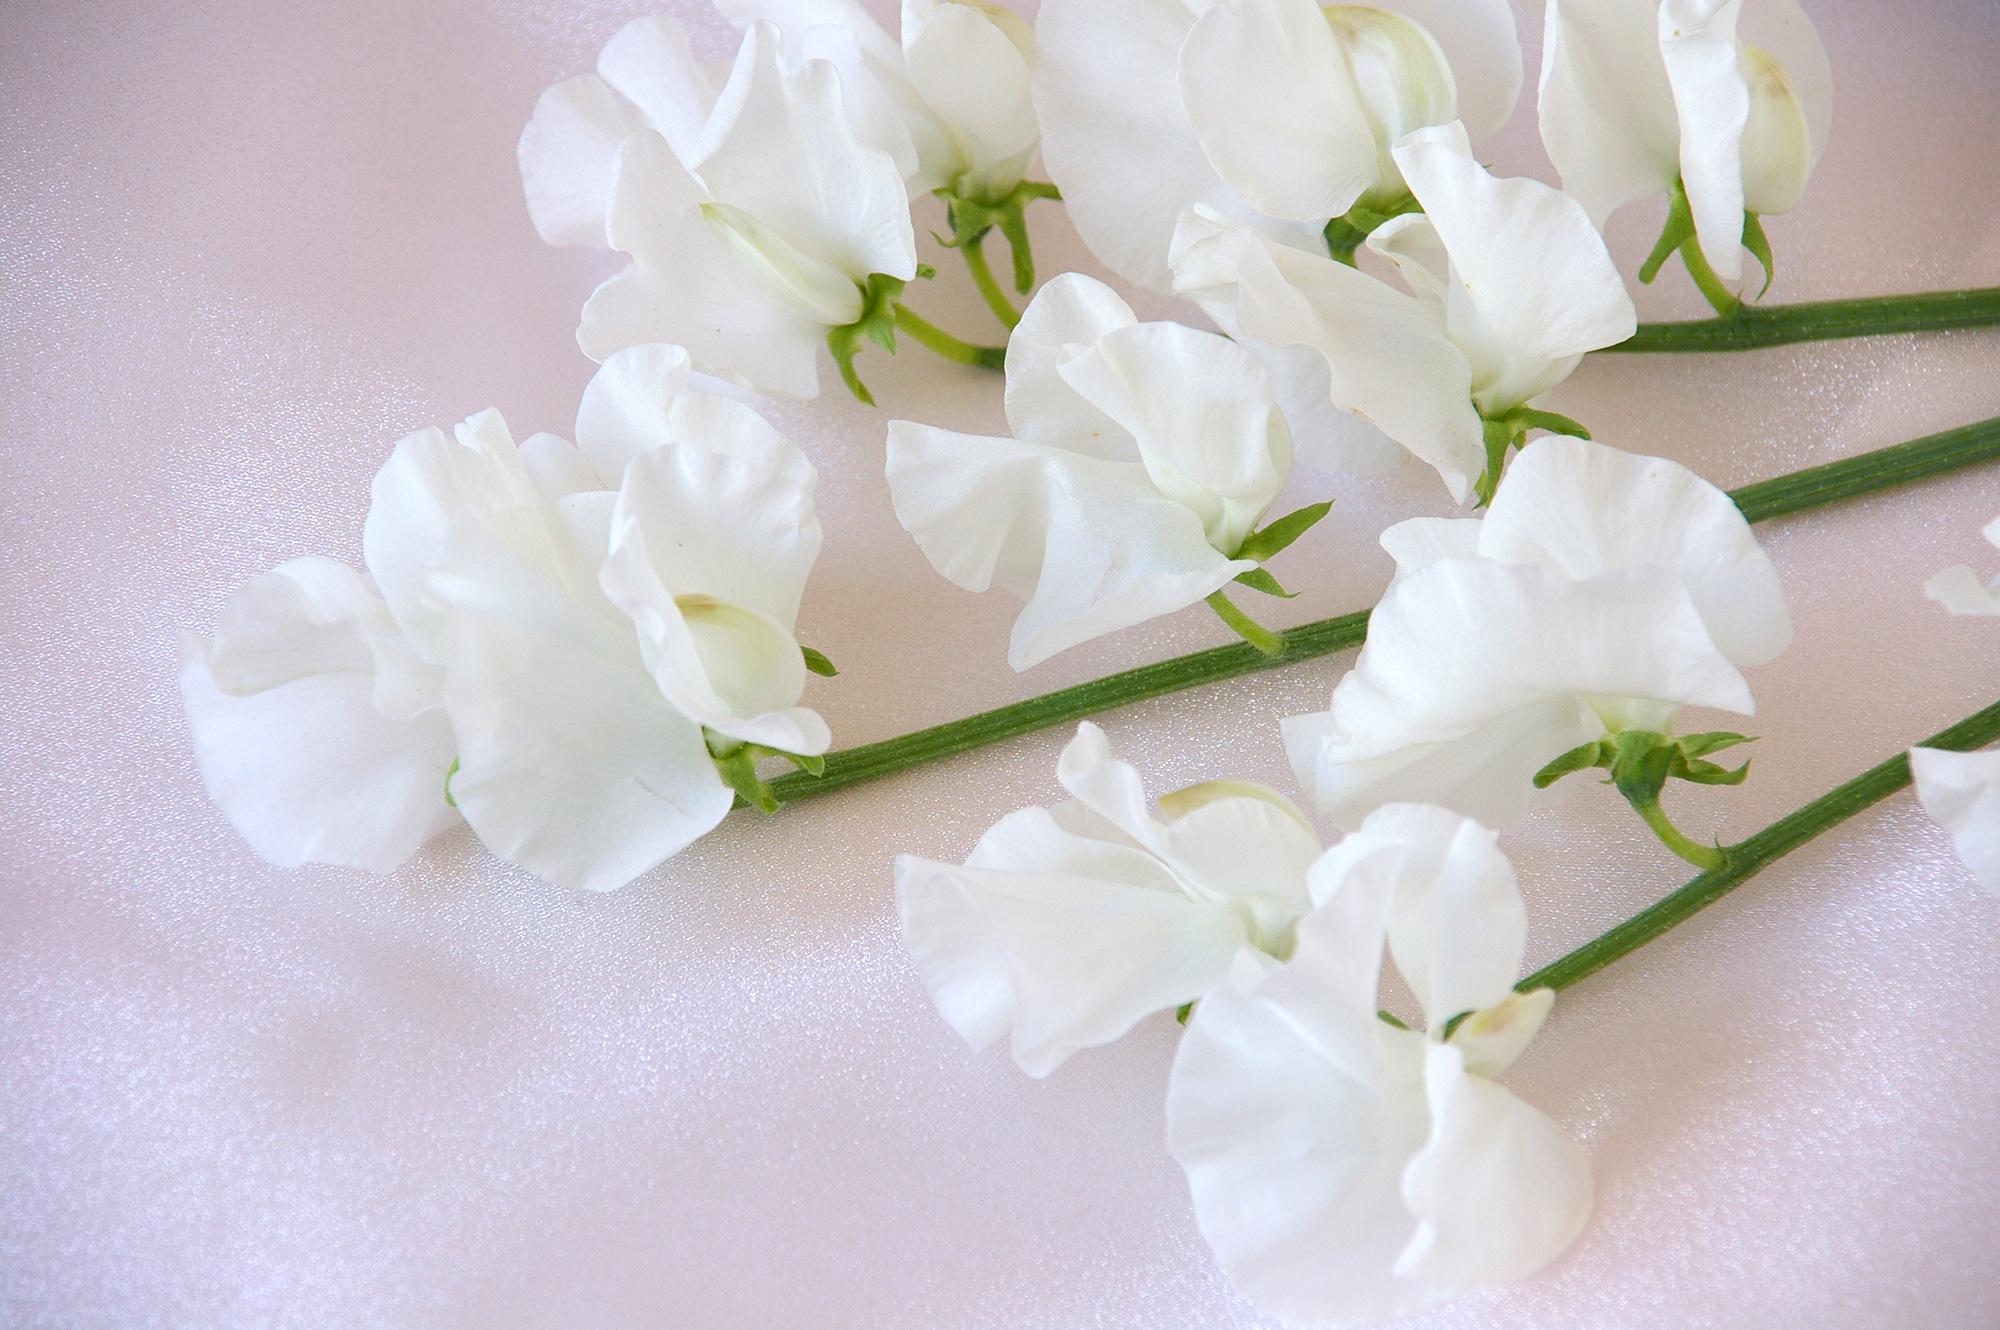 白色のスウィートピーのフリー写真素材